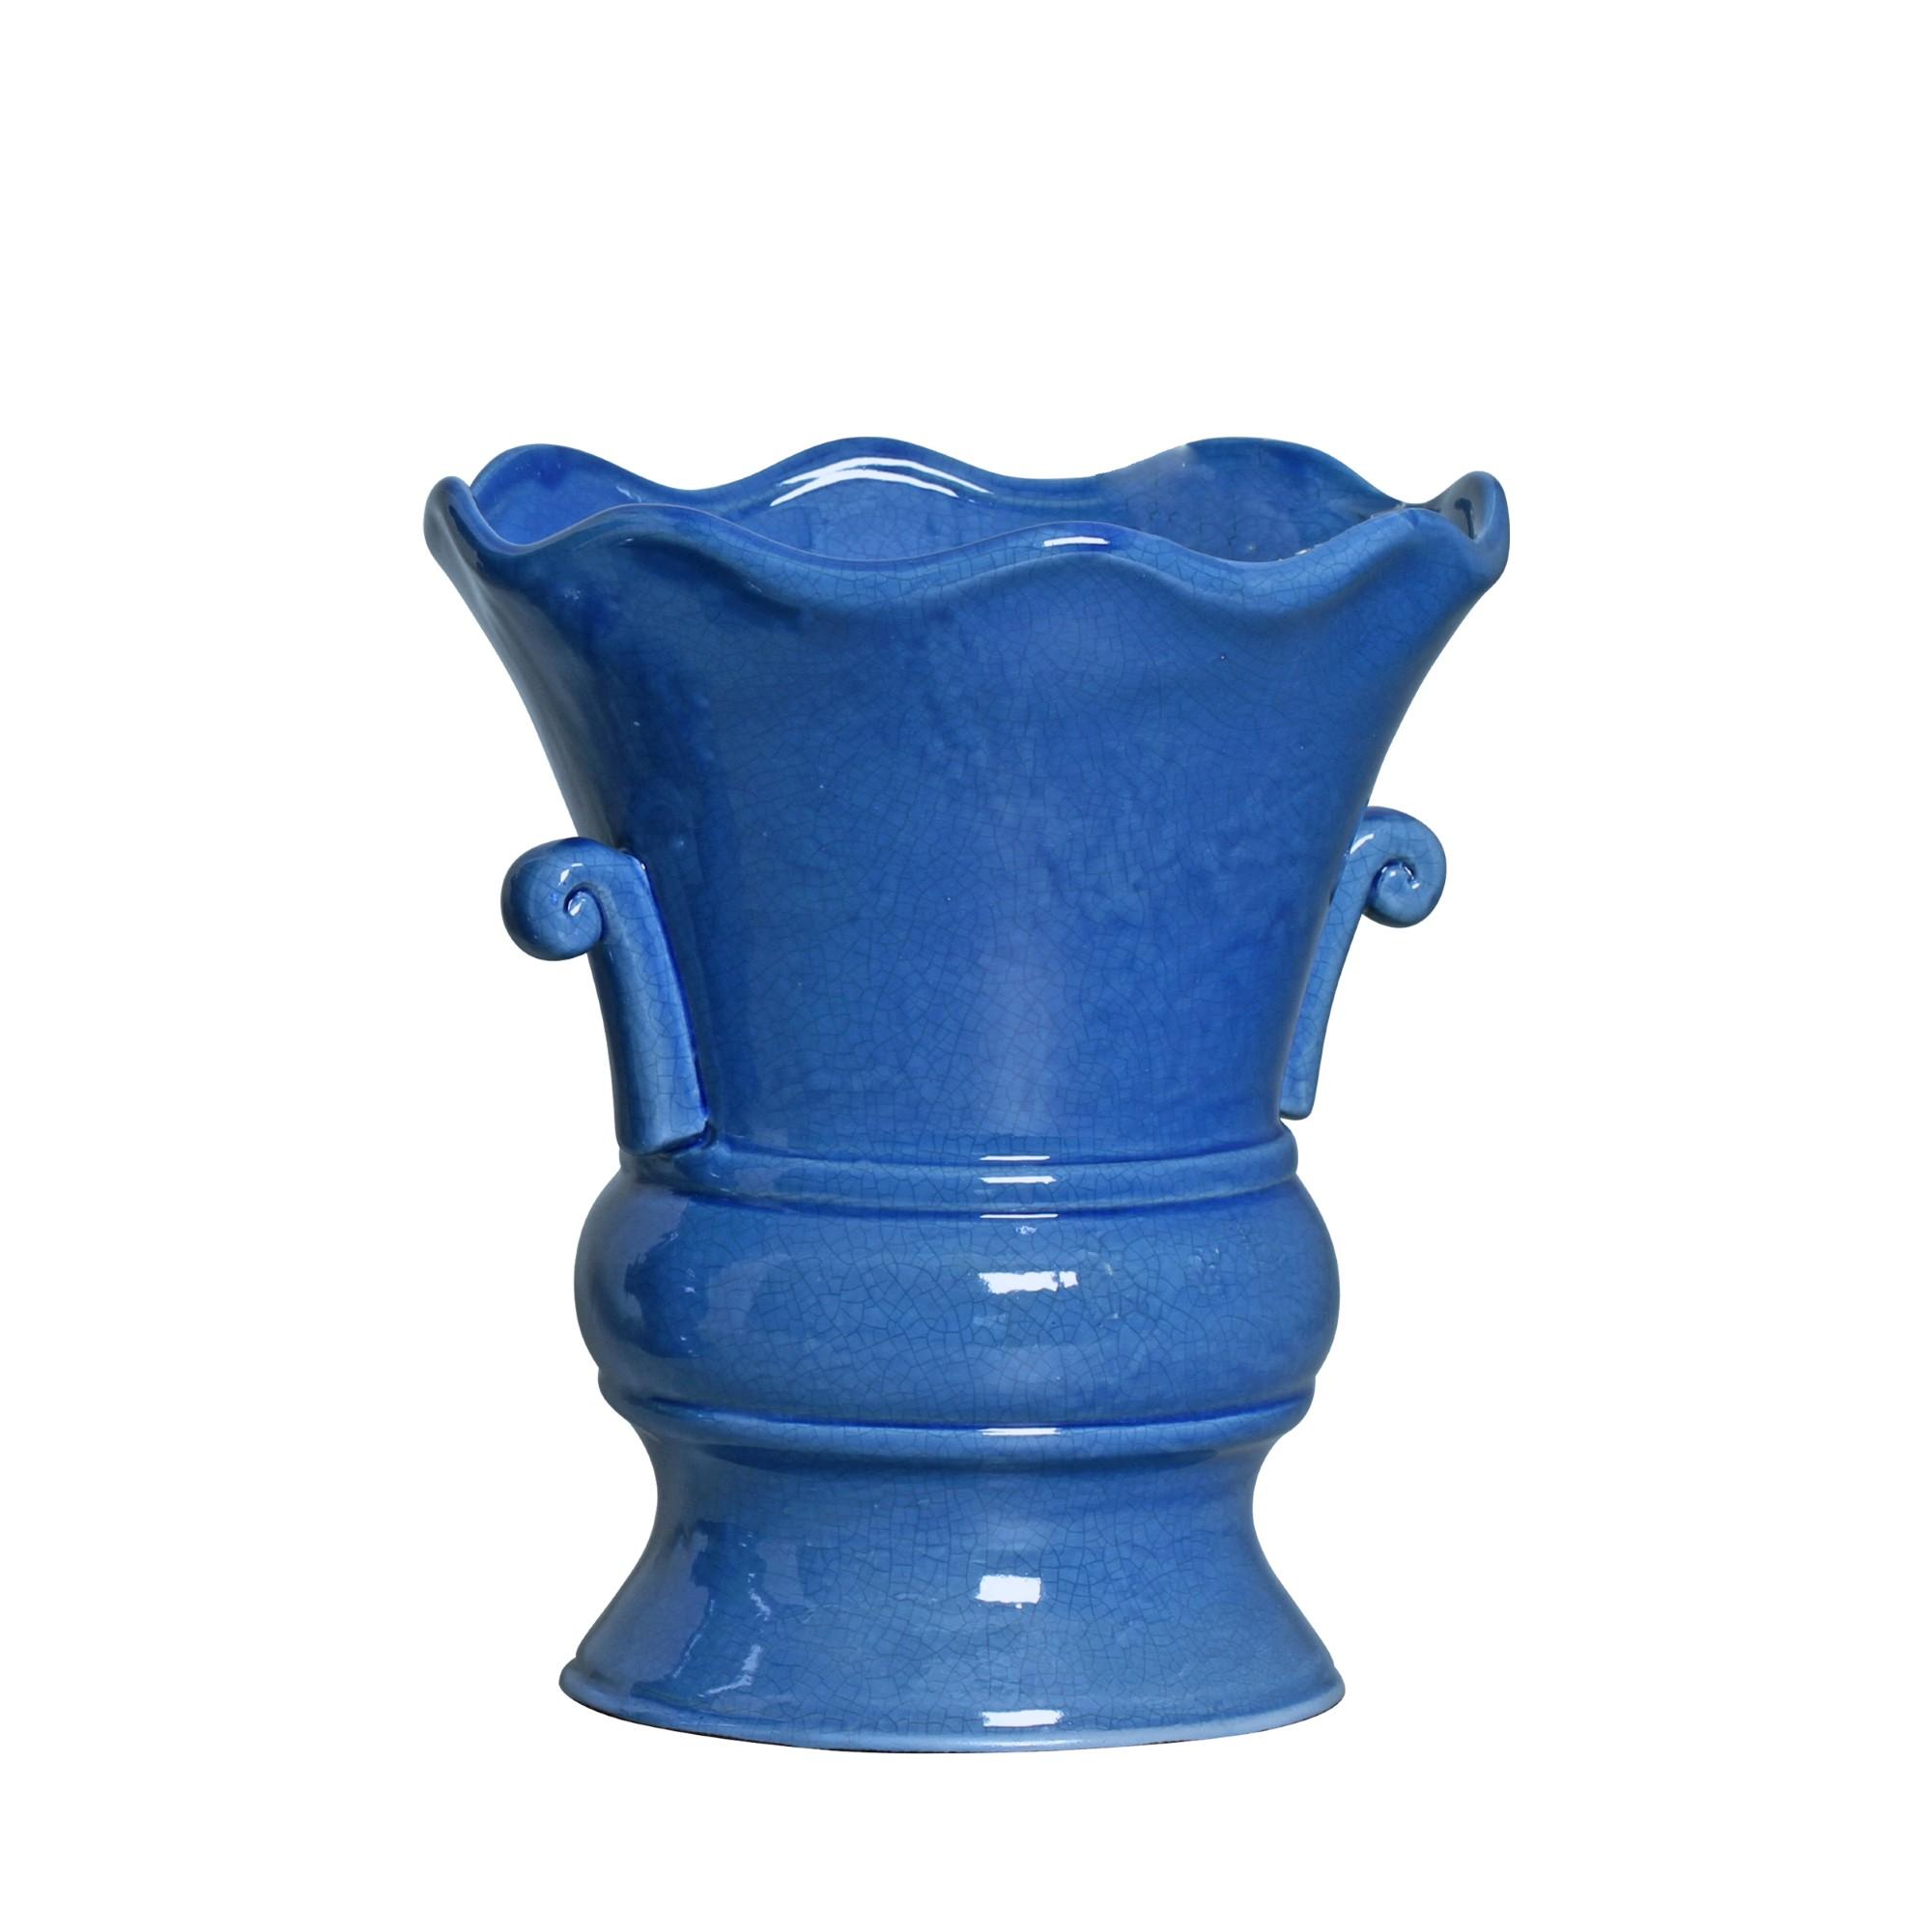 Vaso Decorativo Ceramica 28cm Redondo Azul Craquele 5246 - Ana Maria